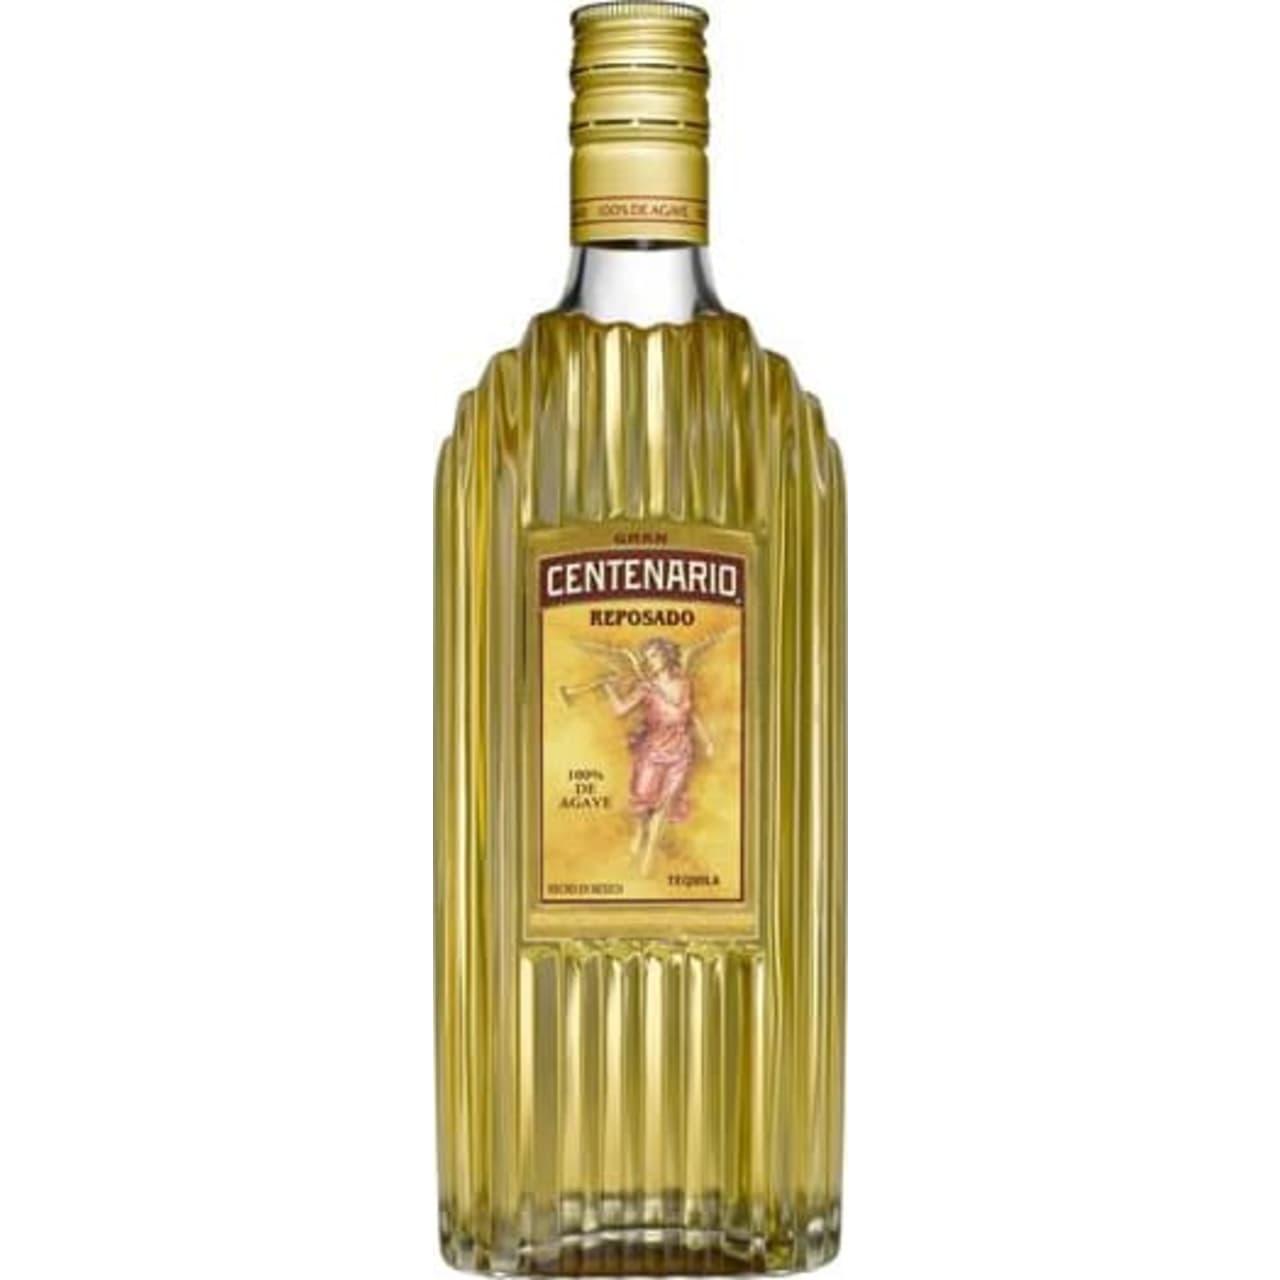 Product Image - Jose Cuervo Gran Centenario Reposado Tequila